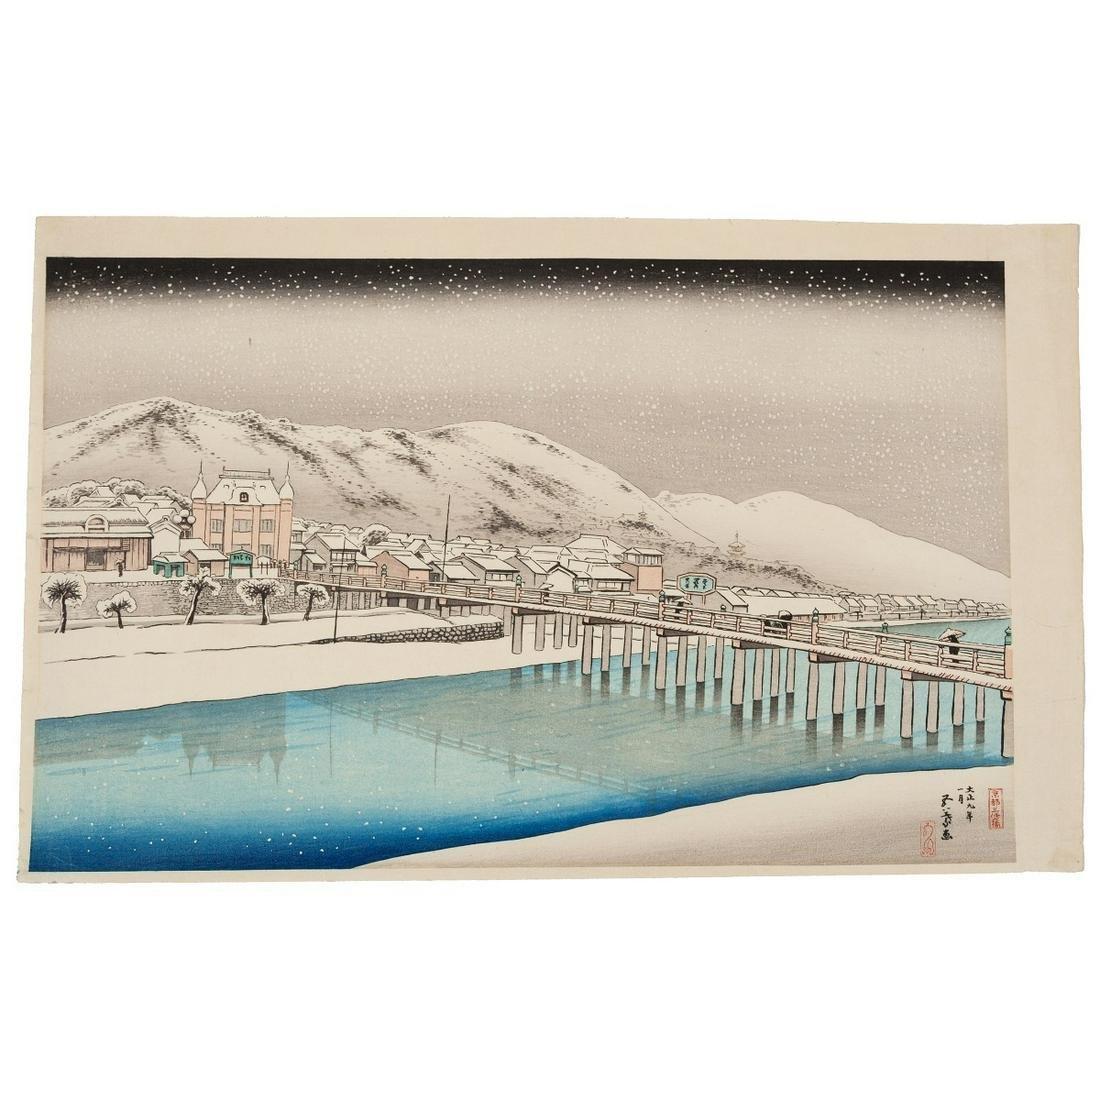 Title: Goyo Hashiguchi, Sanjo Bridge in Kyoto, Shin